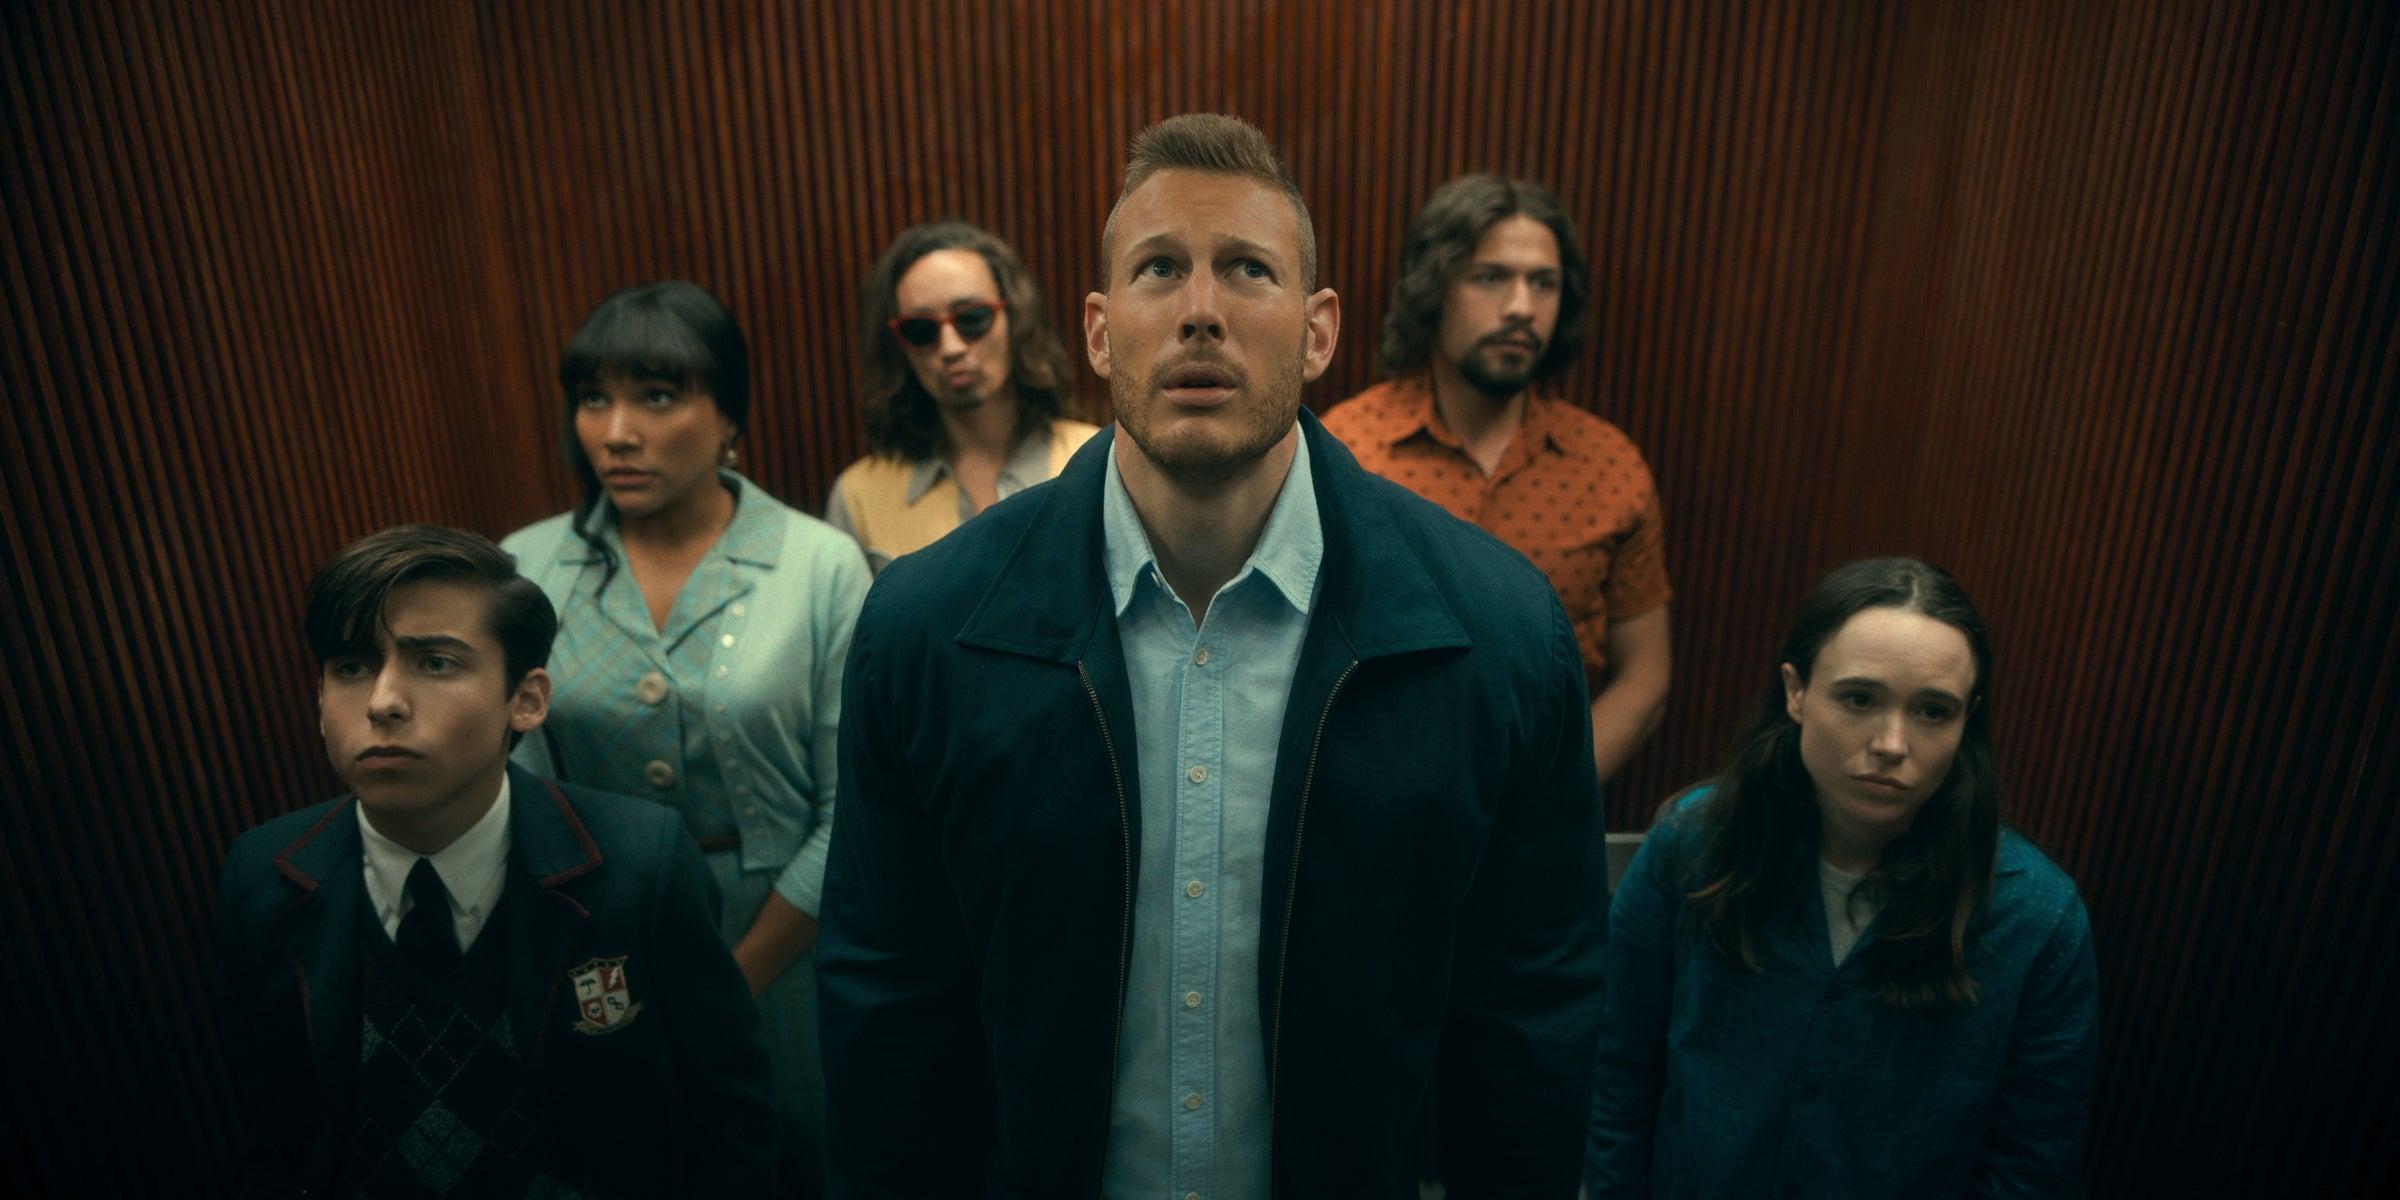 Luther, Diego, Allison, Klaus, Númro 5 y Vanya en la segunda temporada de The Umbrella Academy